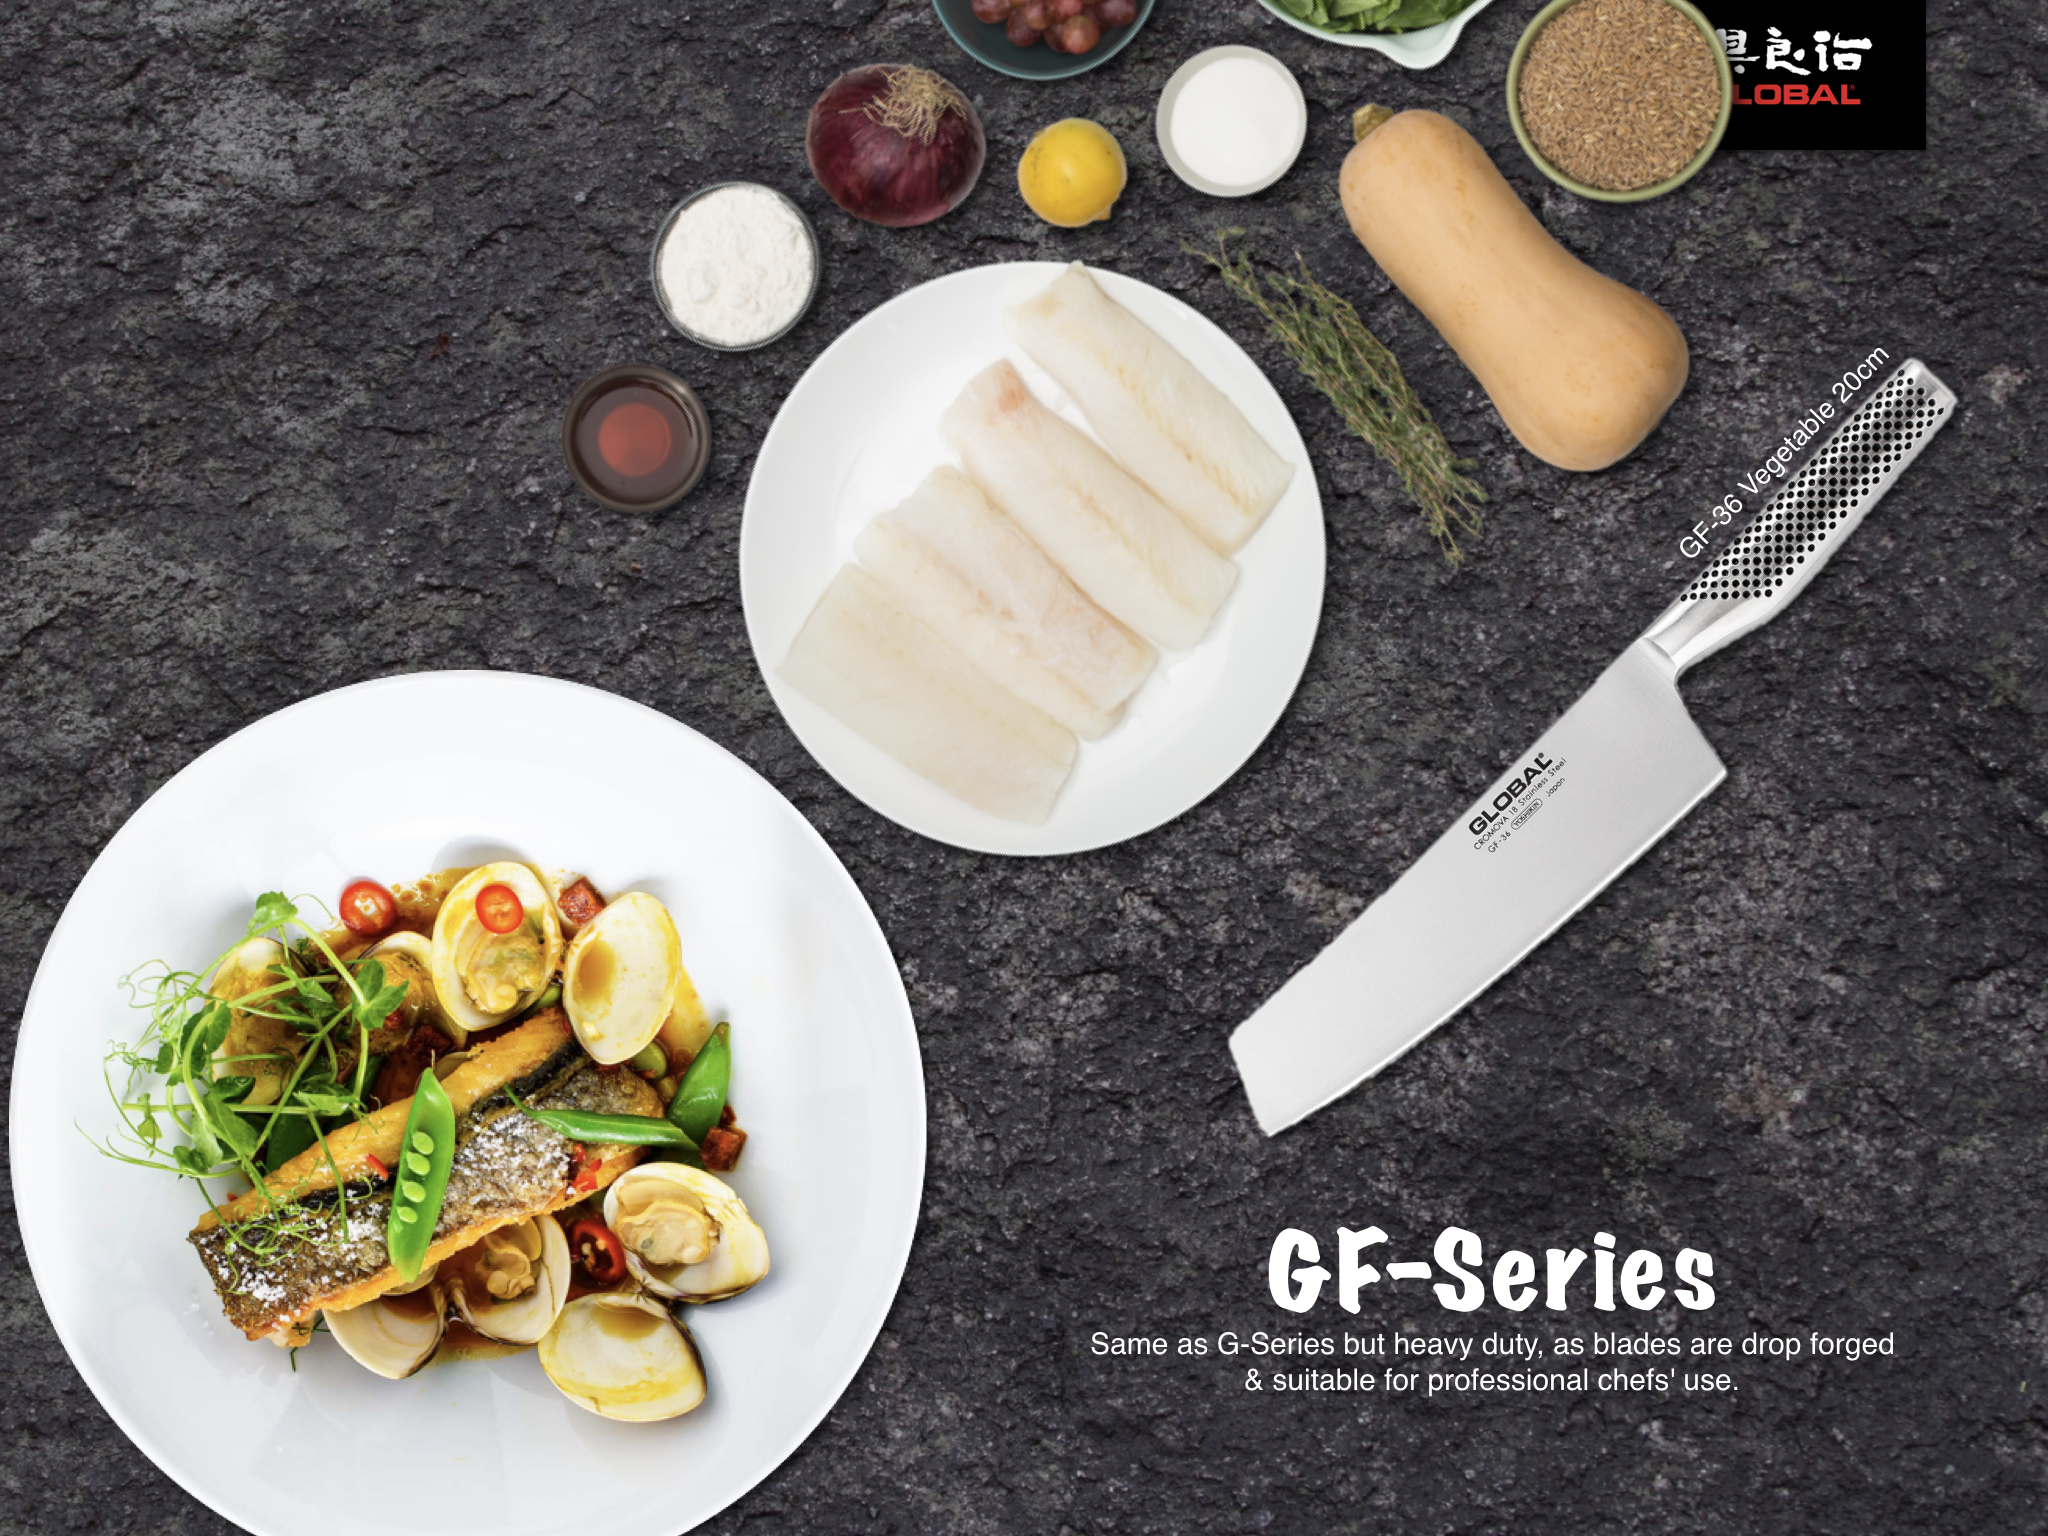 Global Knives GF-Series